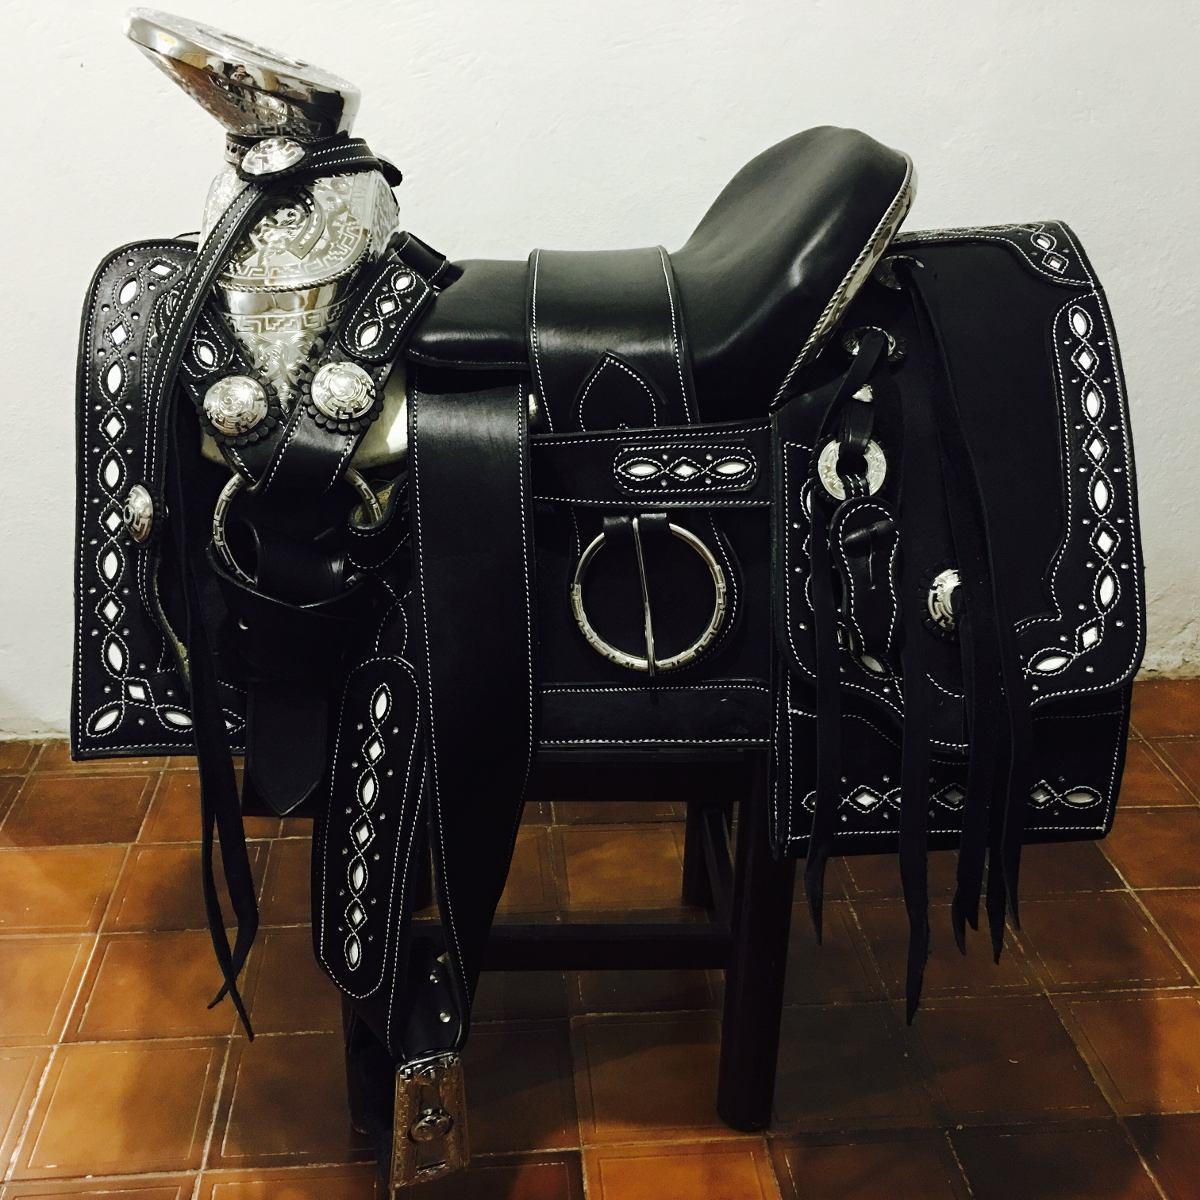 Montura o silla fina vaqueta con acero charra caballo montar 16 en mercado libre - Silla montar caballo ...